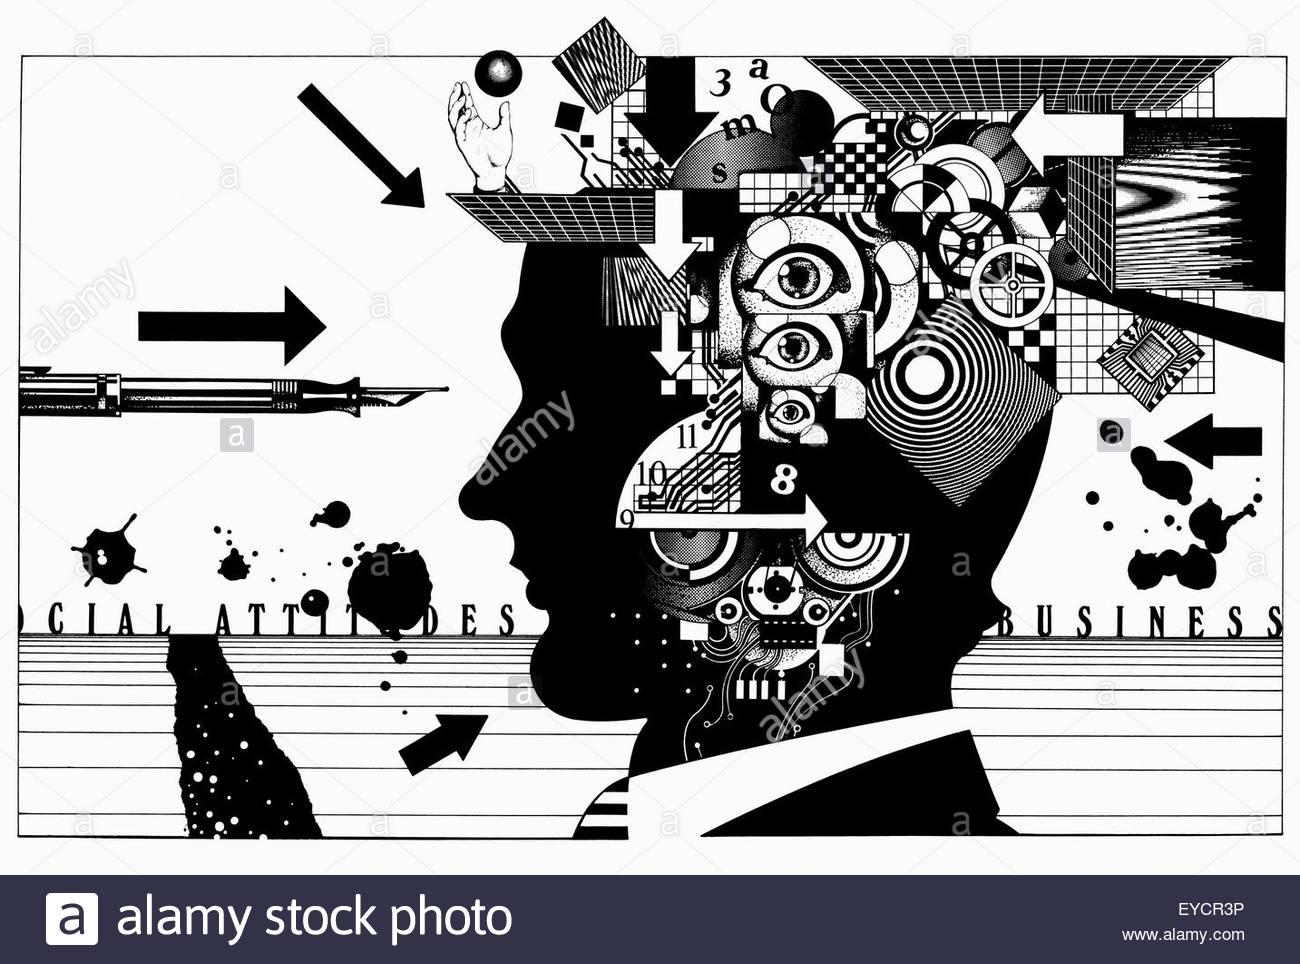 Schéma complexe de cogs, casse-tête, de cartes de circuit imprimé et des globes oculaires à Photo Stock